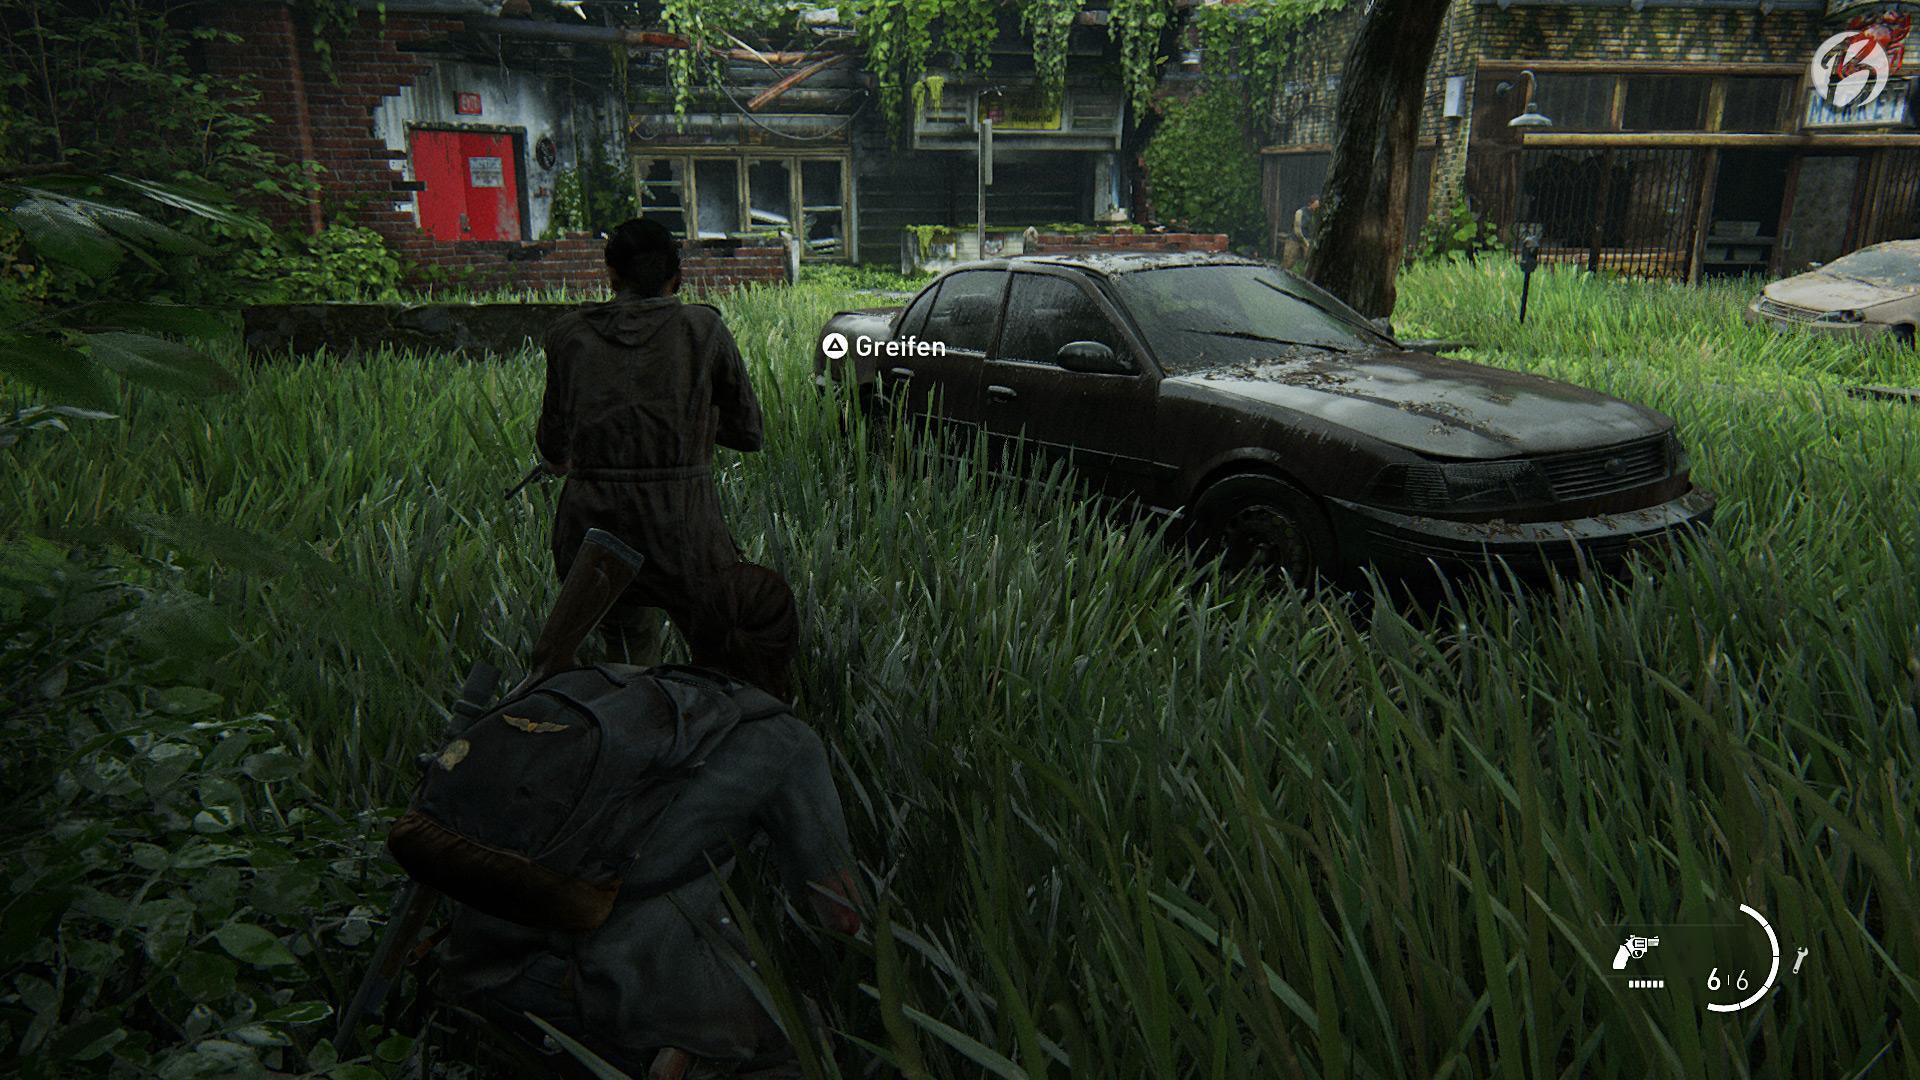 Ideale Vegetation: Das hohe Gras schaut nicht nur super aus, es erlaubt auch ein geniales Stealth-Gameplay.